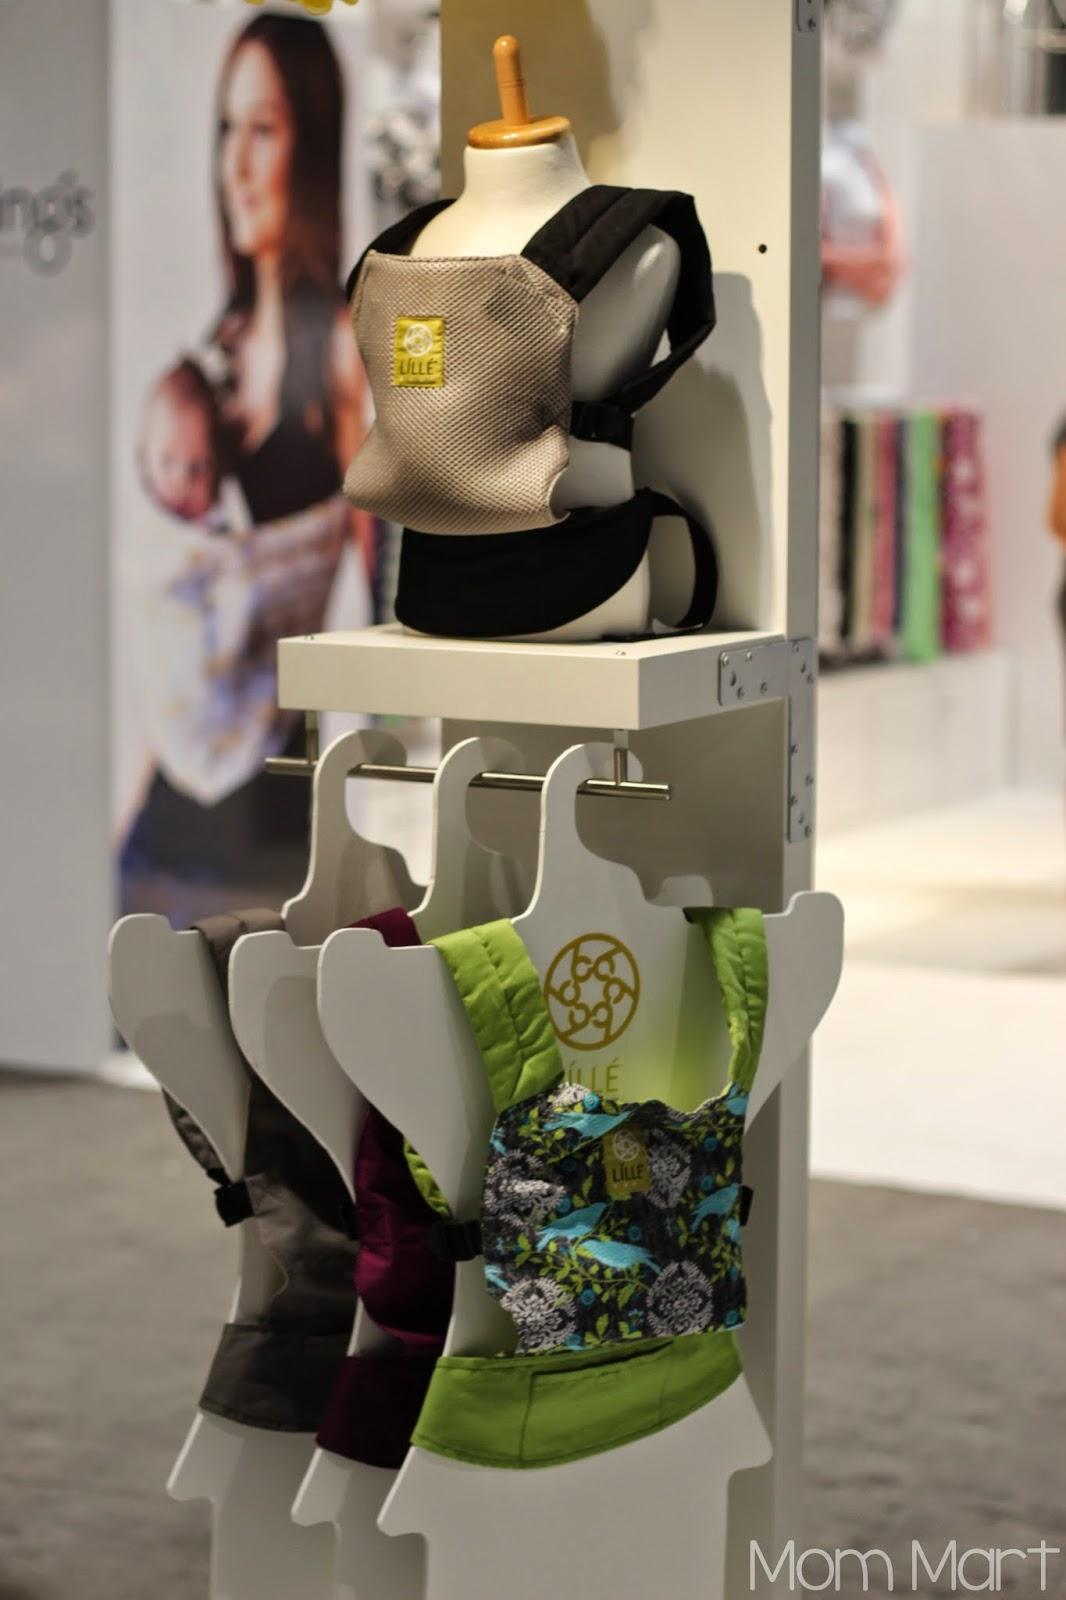 ABCKids14 Expo líllébaby doll carrier